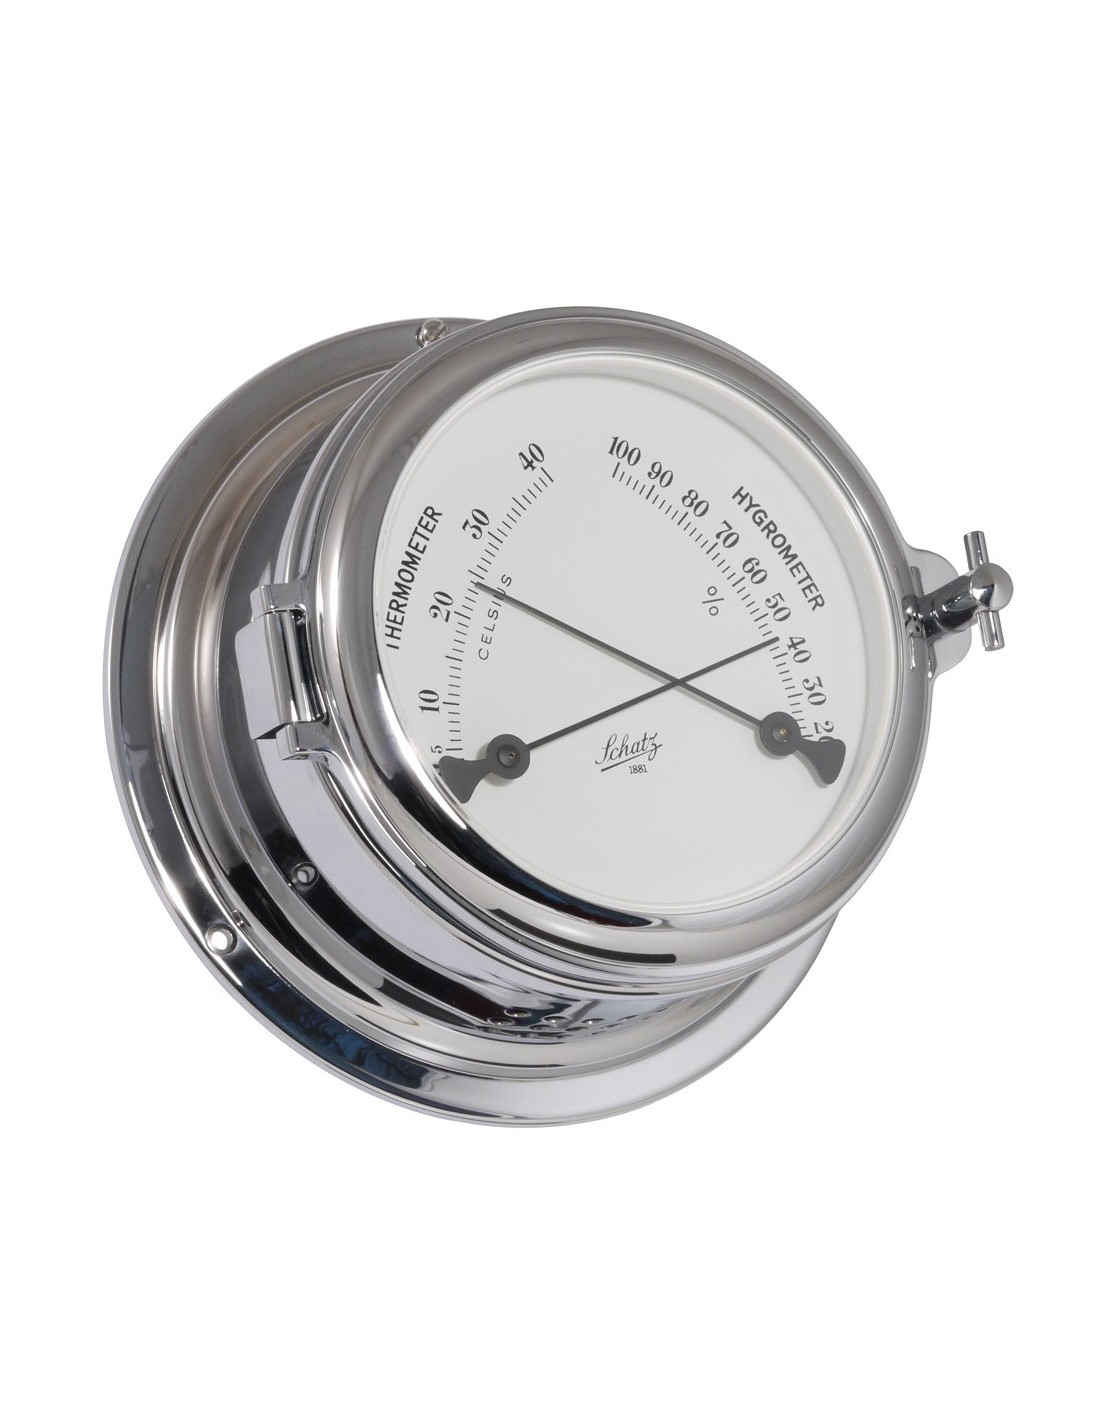 Midi 155 - Thermometer / Hygrometer - Verchroomd - Schatz 1881 - Scheepsinstrumenten - 453 HT